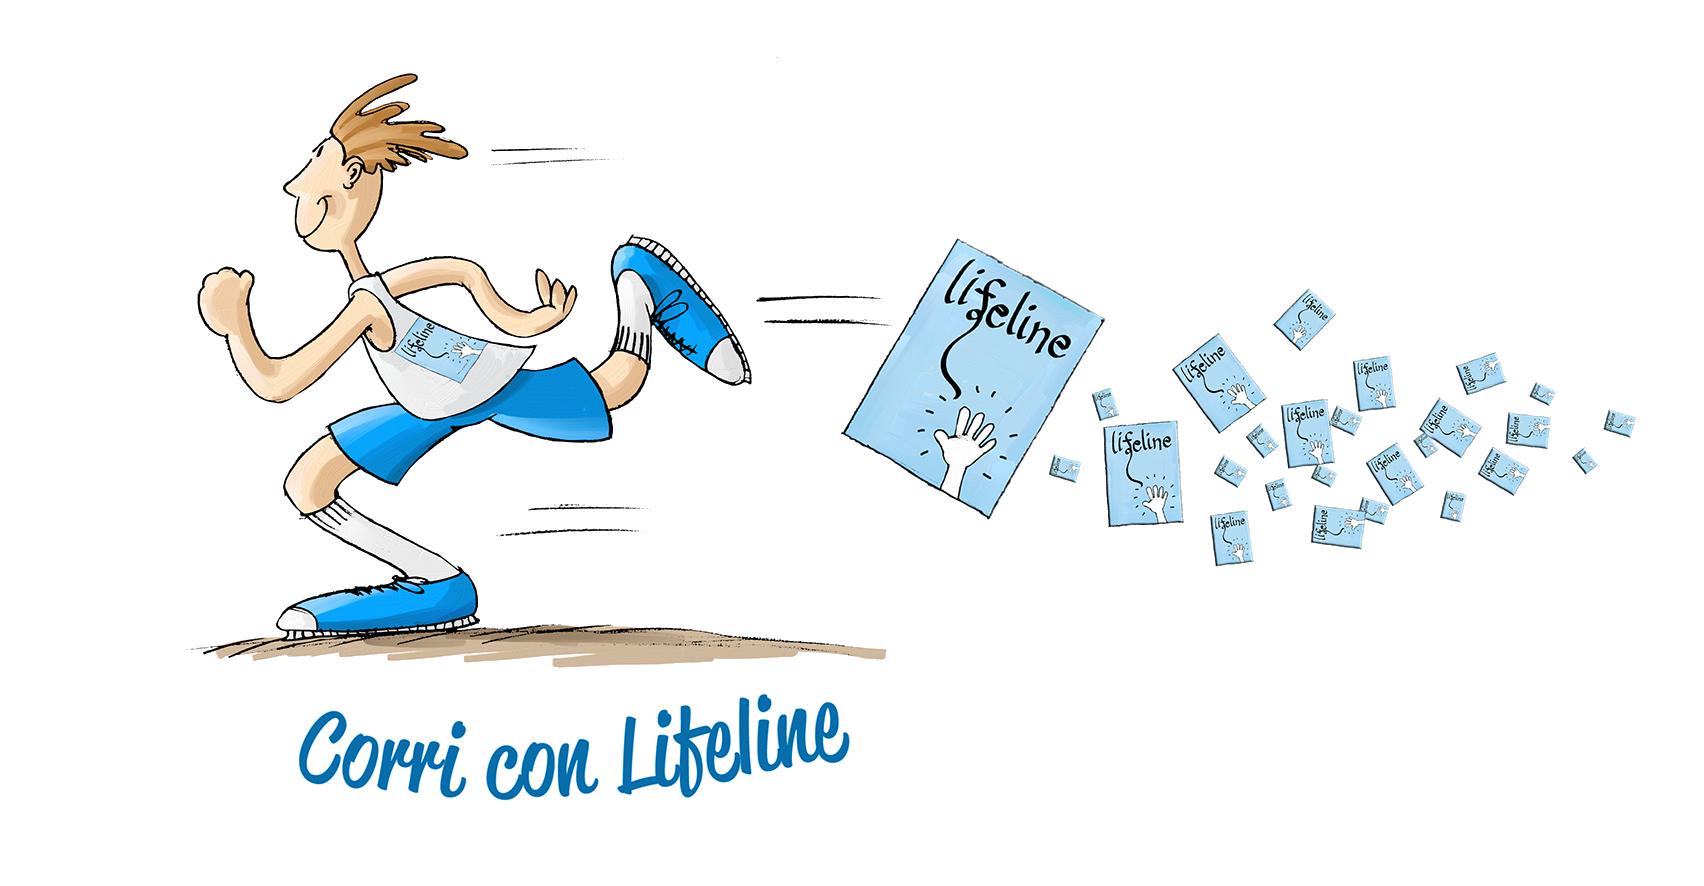 Lifeline Italia Onlus, maglietta per la maratona di Padova nel 2017